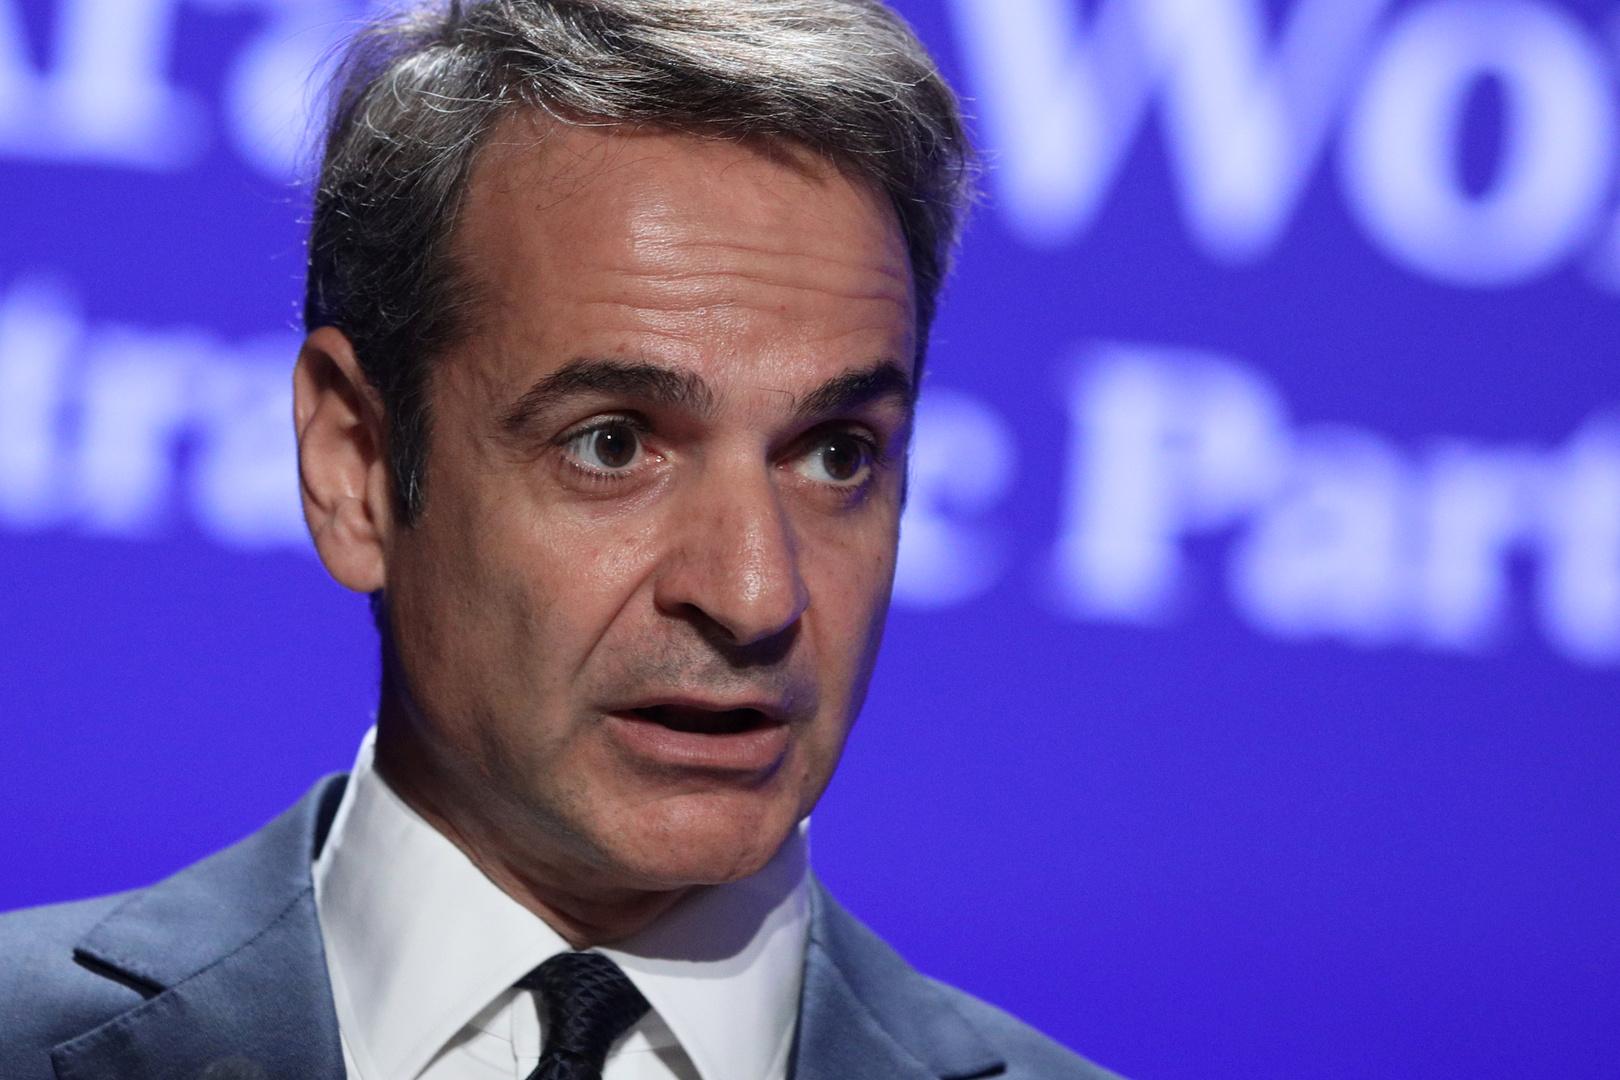 اليونان تلجأ إلى الناتو للرد على اتفاق أنقرة وحكومة الوفاق الليبية